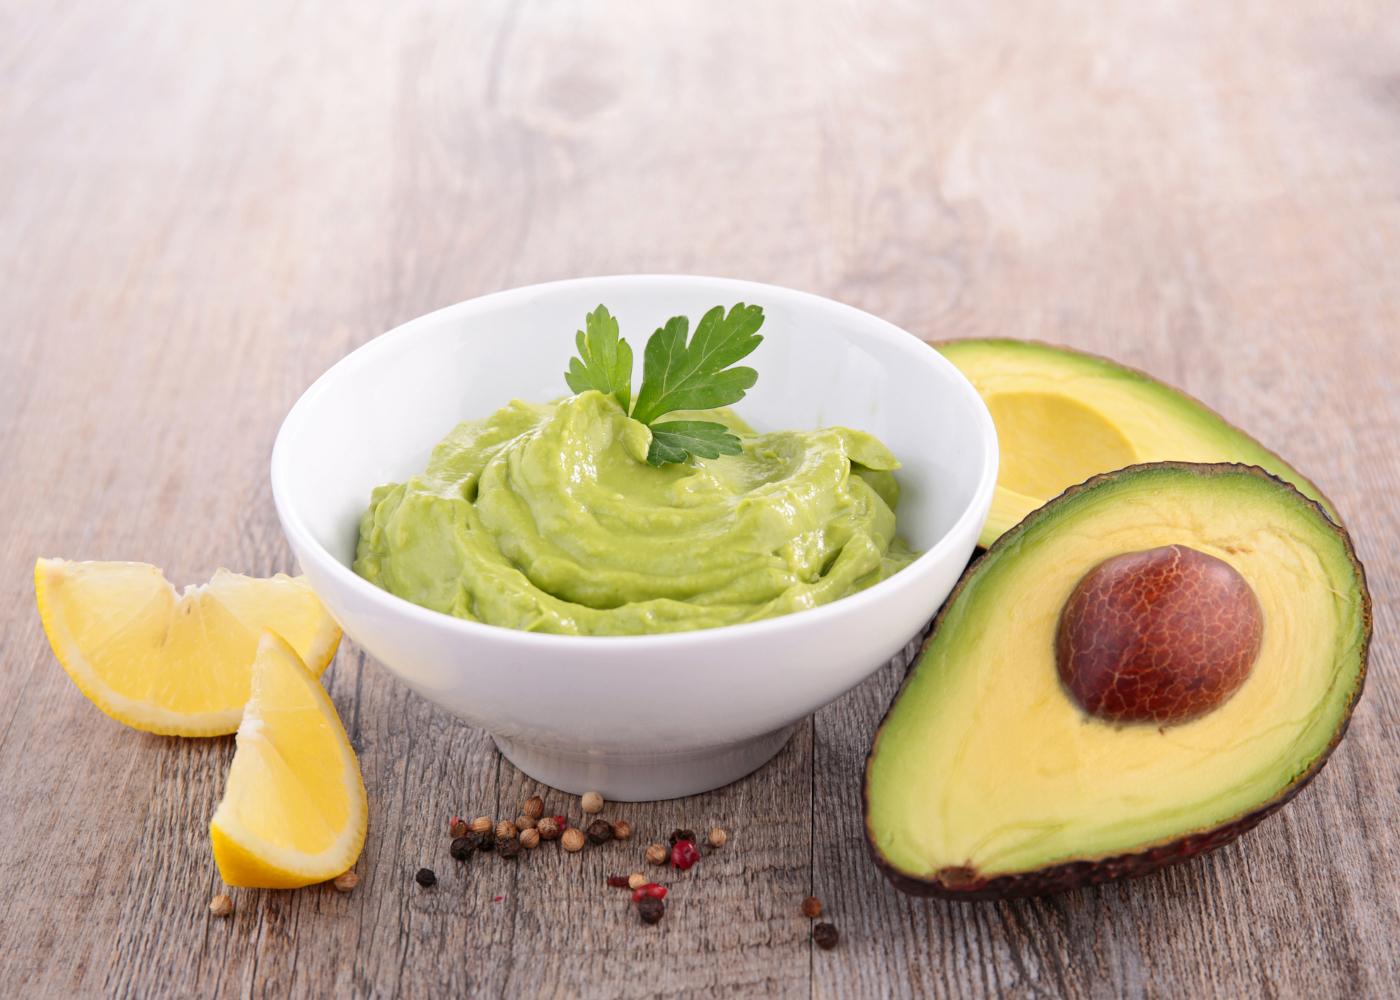 abacate: como comer este fruto de forma saudavel